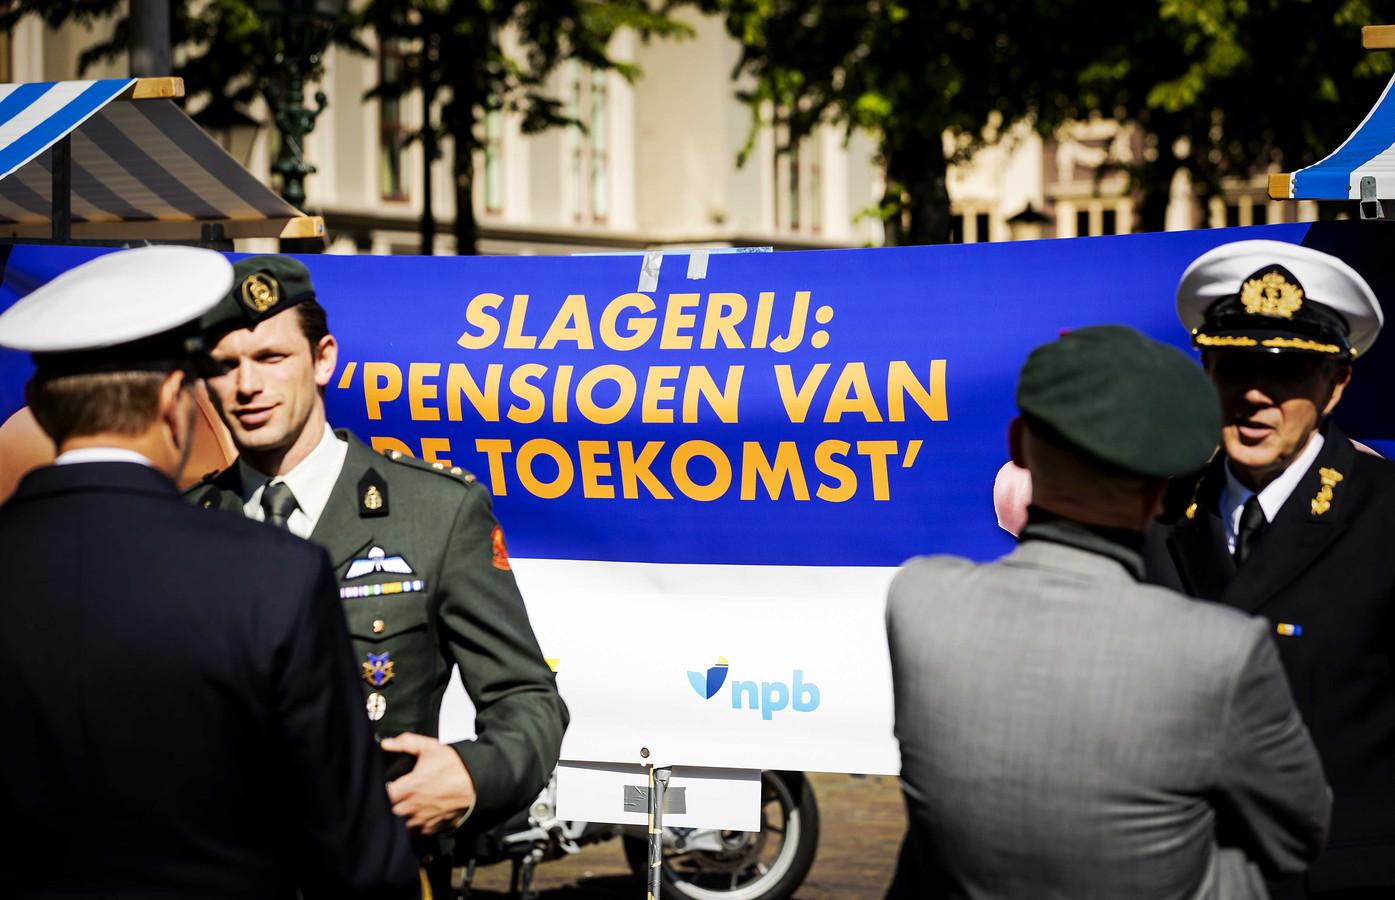 Medewerkers van de politie, defensie, douane, marechaussee en ambulances voeren actie op het Plein voor betere pensioenen